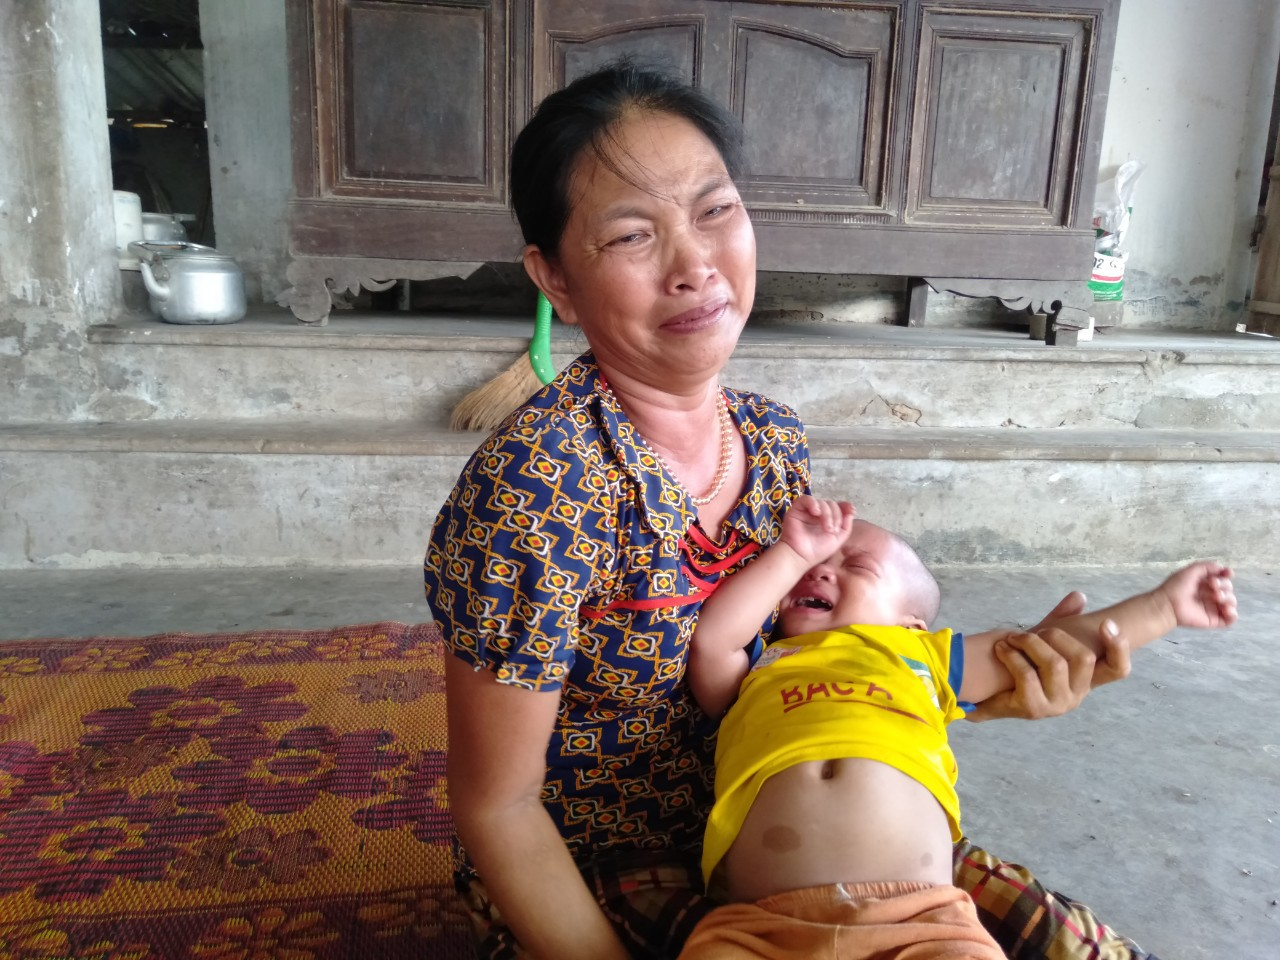 Không cam chịu con gái 3 tuổi chết mòn vì bệnh tật, vợ chồng nghèo sang Lào nhặt phế liệu kiếm tiền chữa bệnh cho con - Ảnh 3.